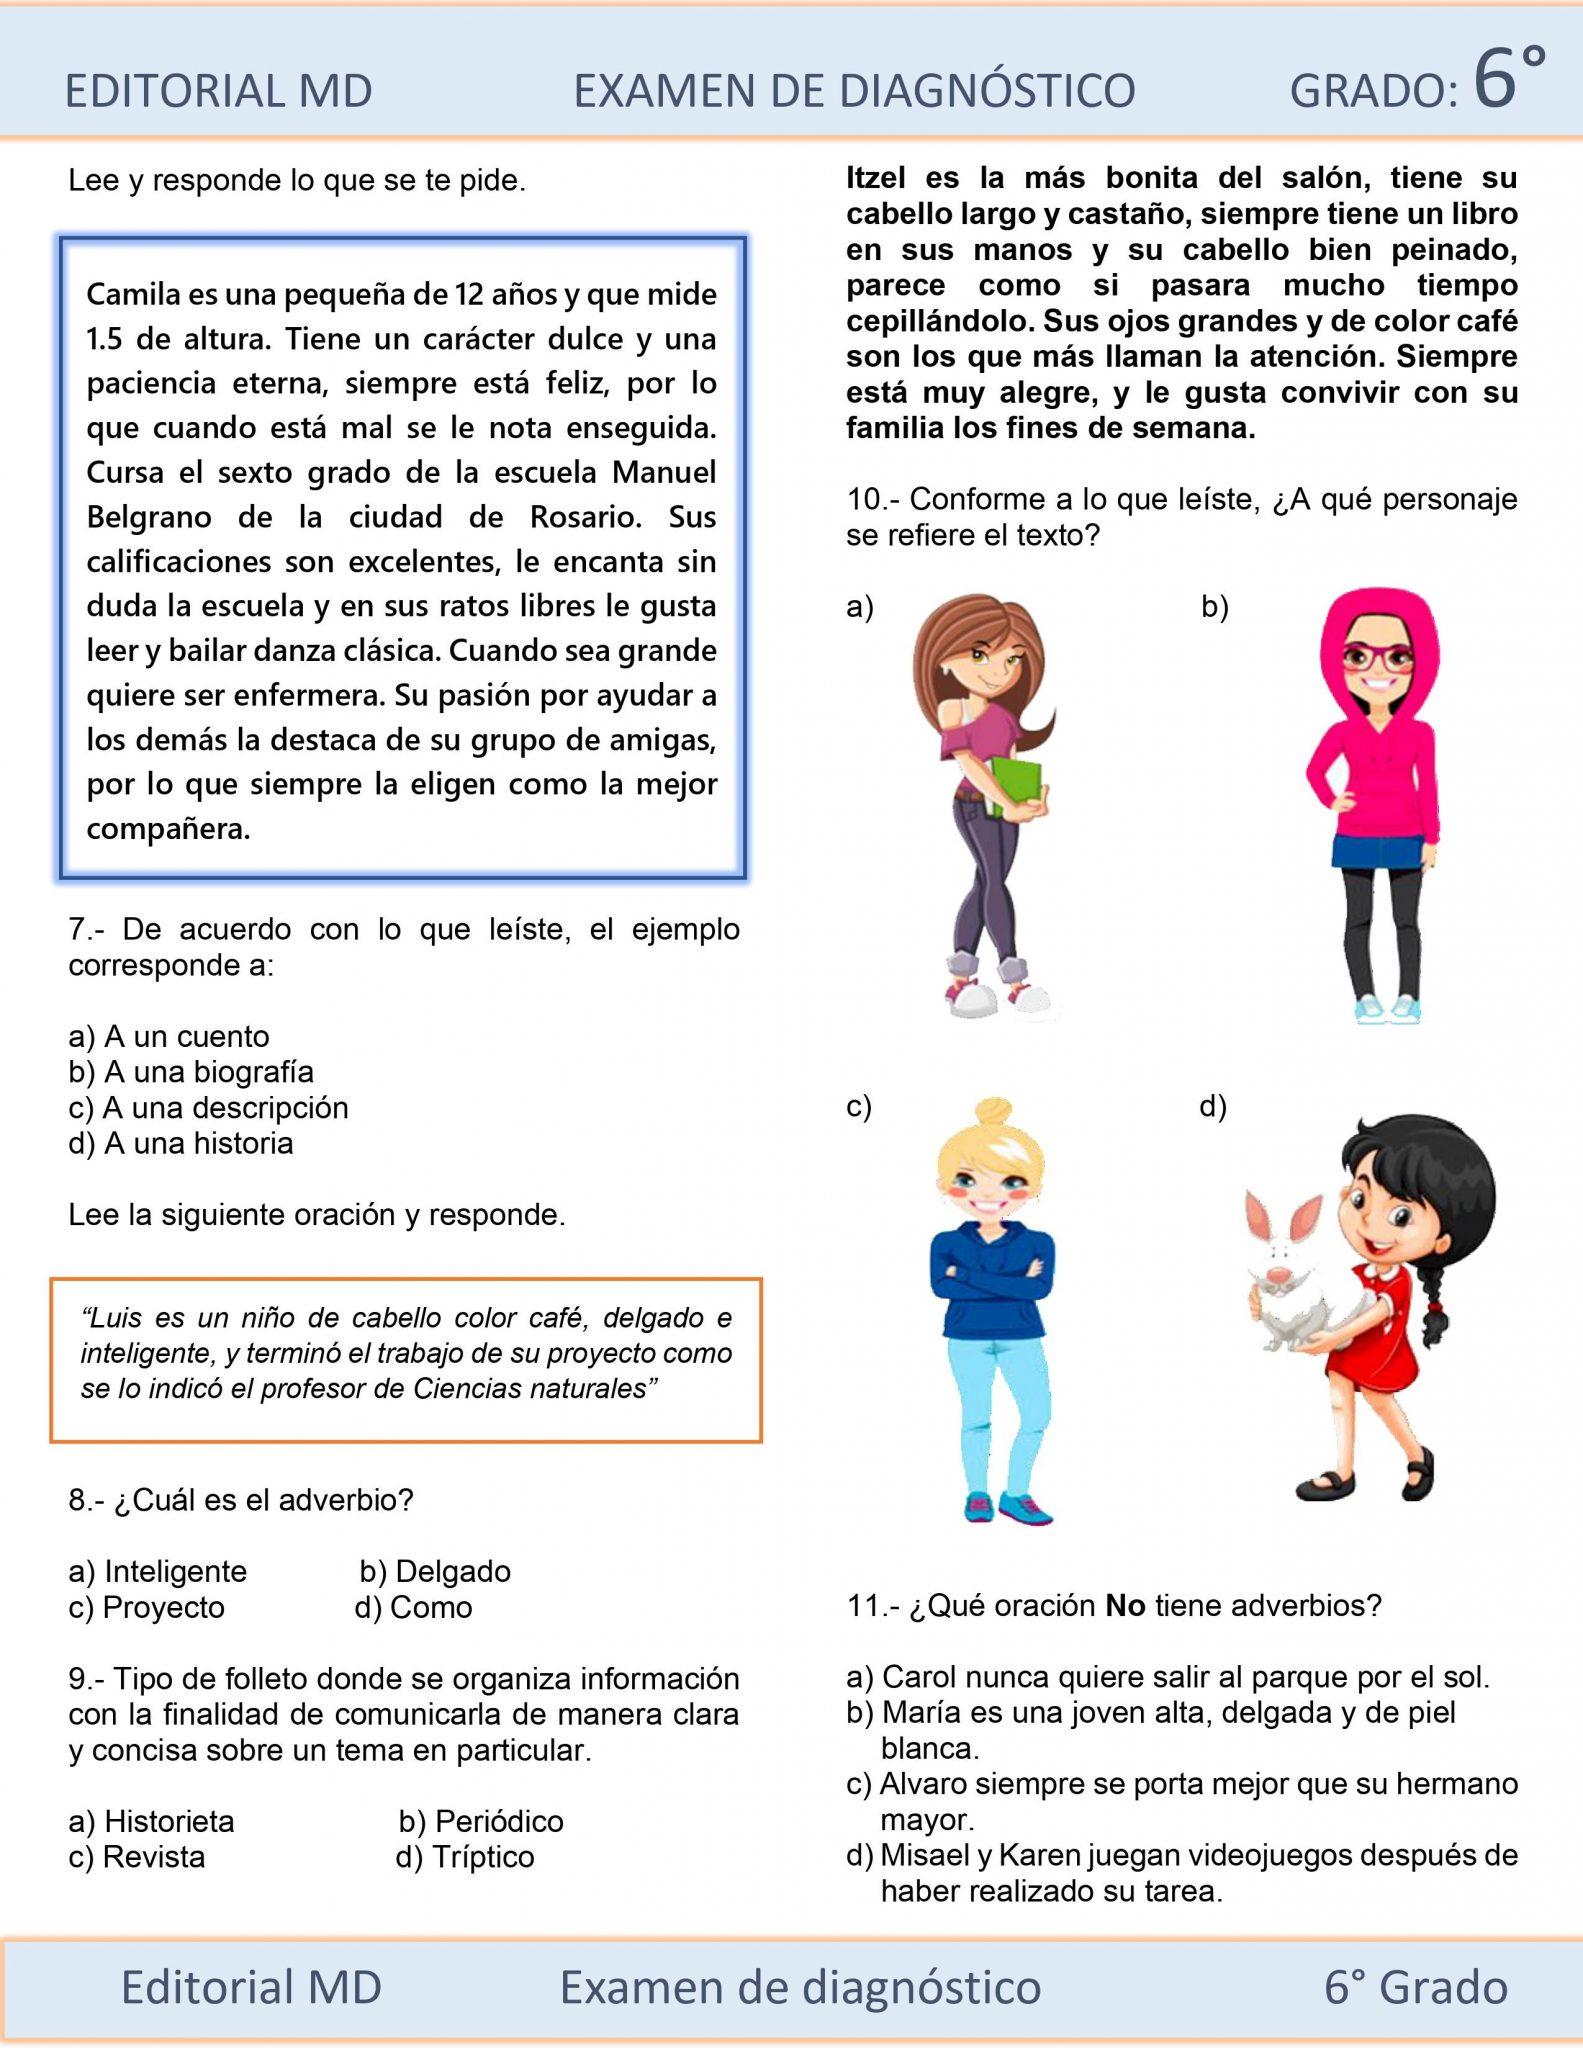 EJEMPLO DE EVALUACIÓN DIAGNÓSTICA 6 GRADO DE PRIMARIA 03